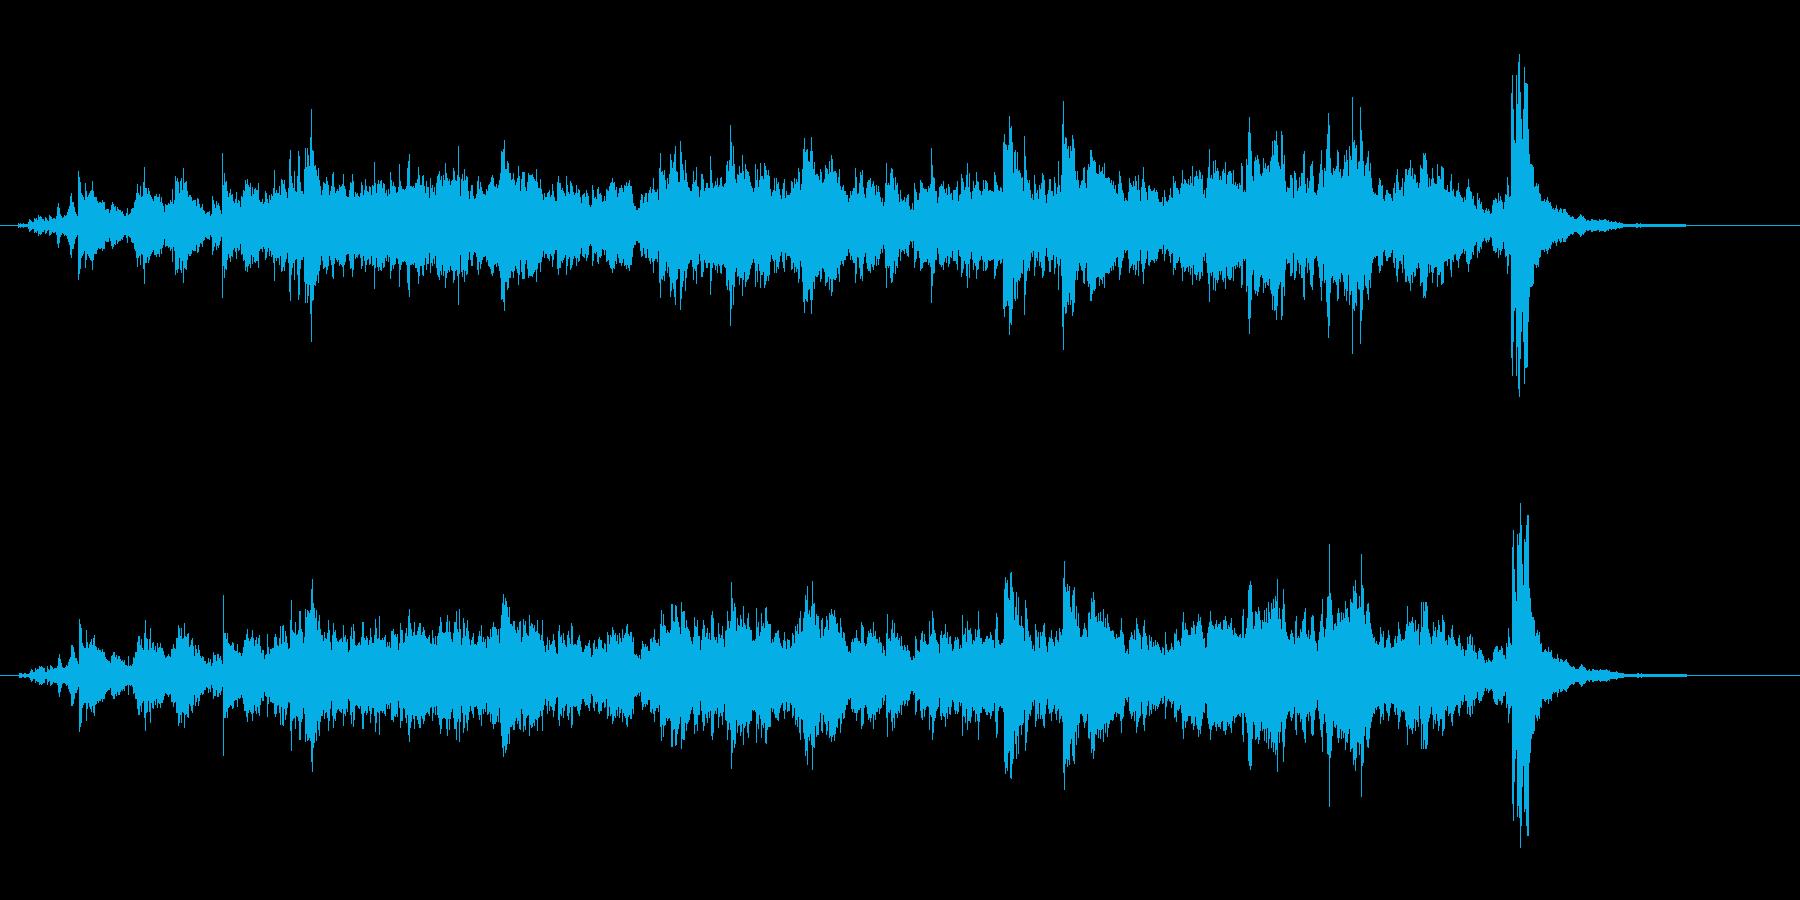 ブラスベルクラスターリングの再生済みの波形